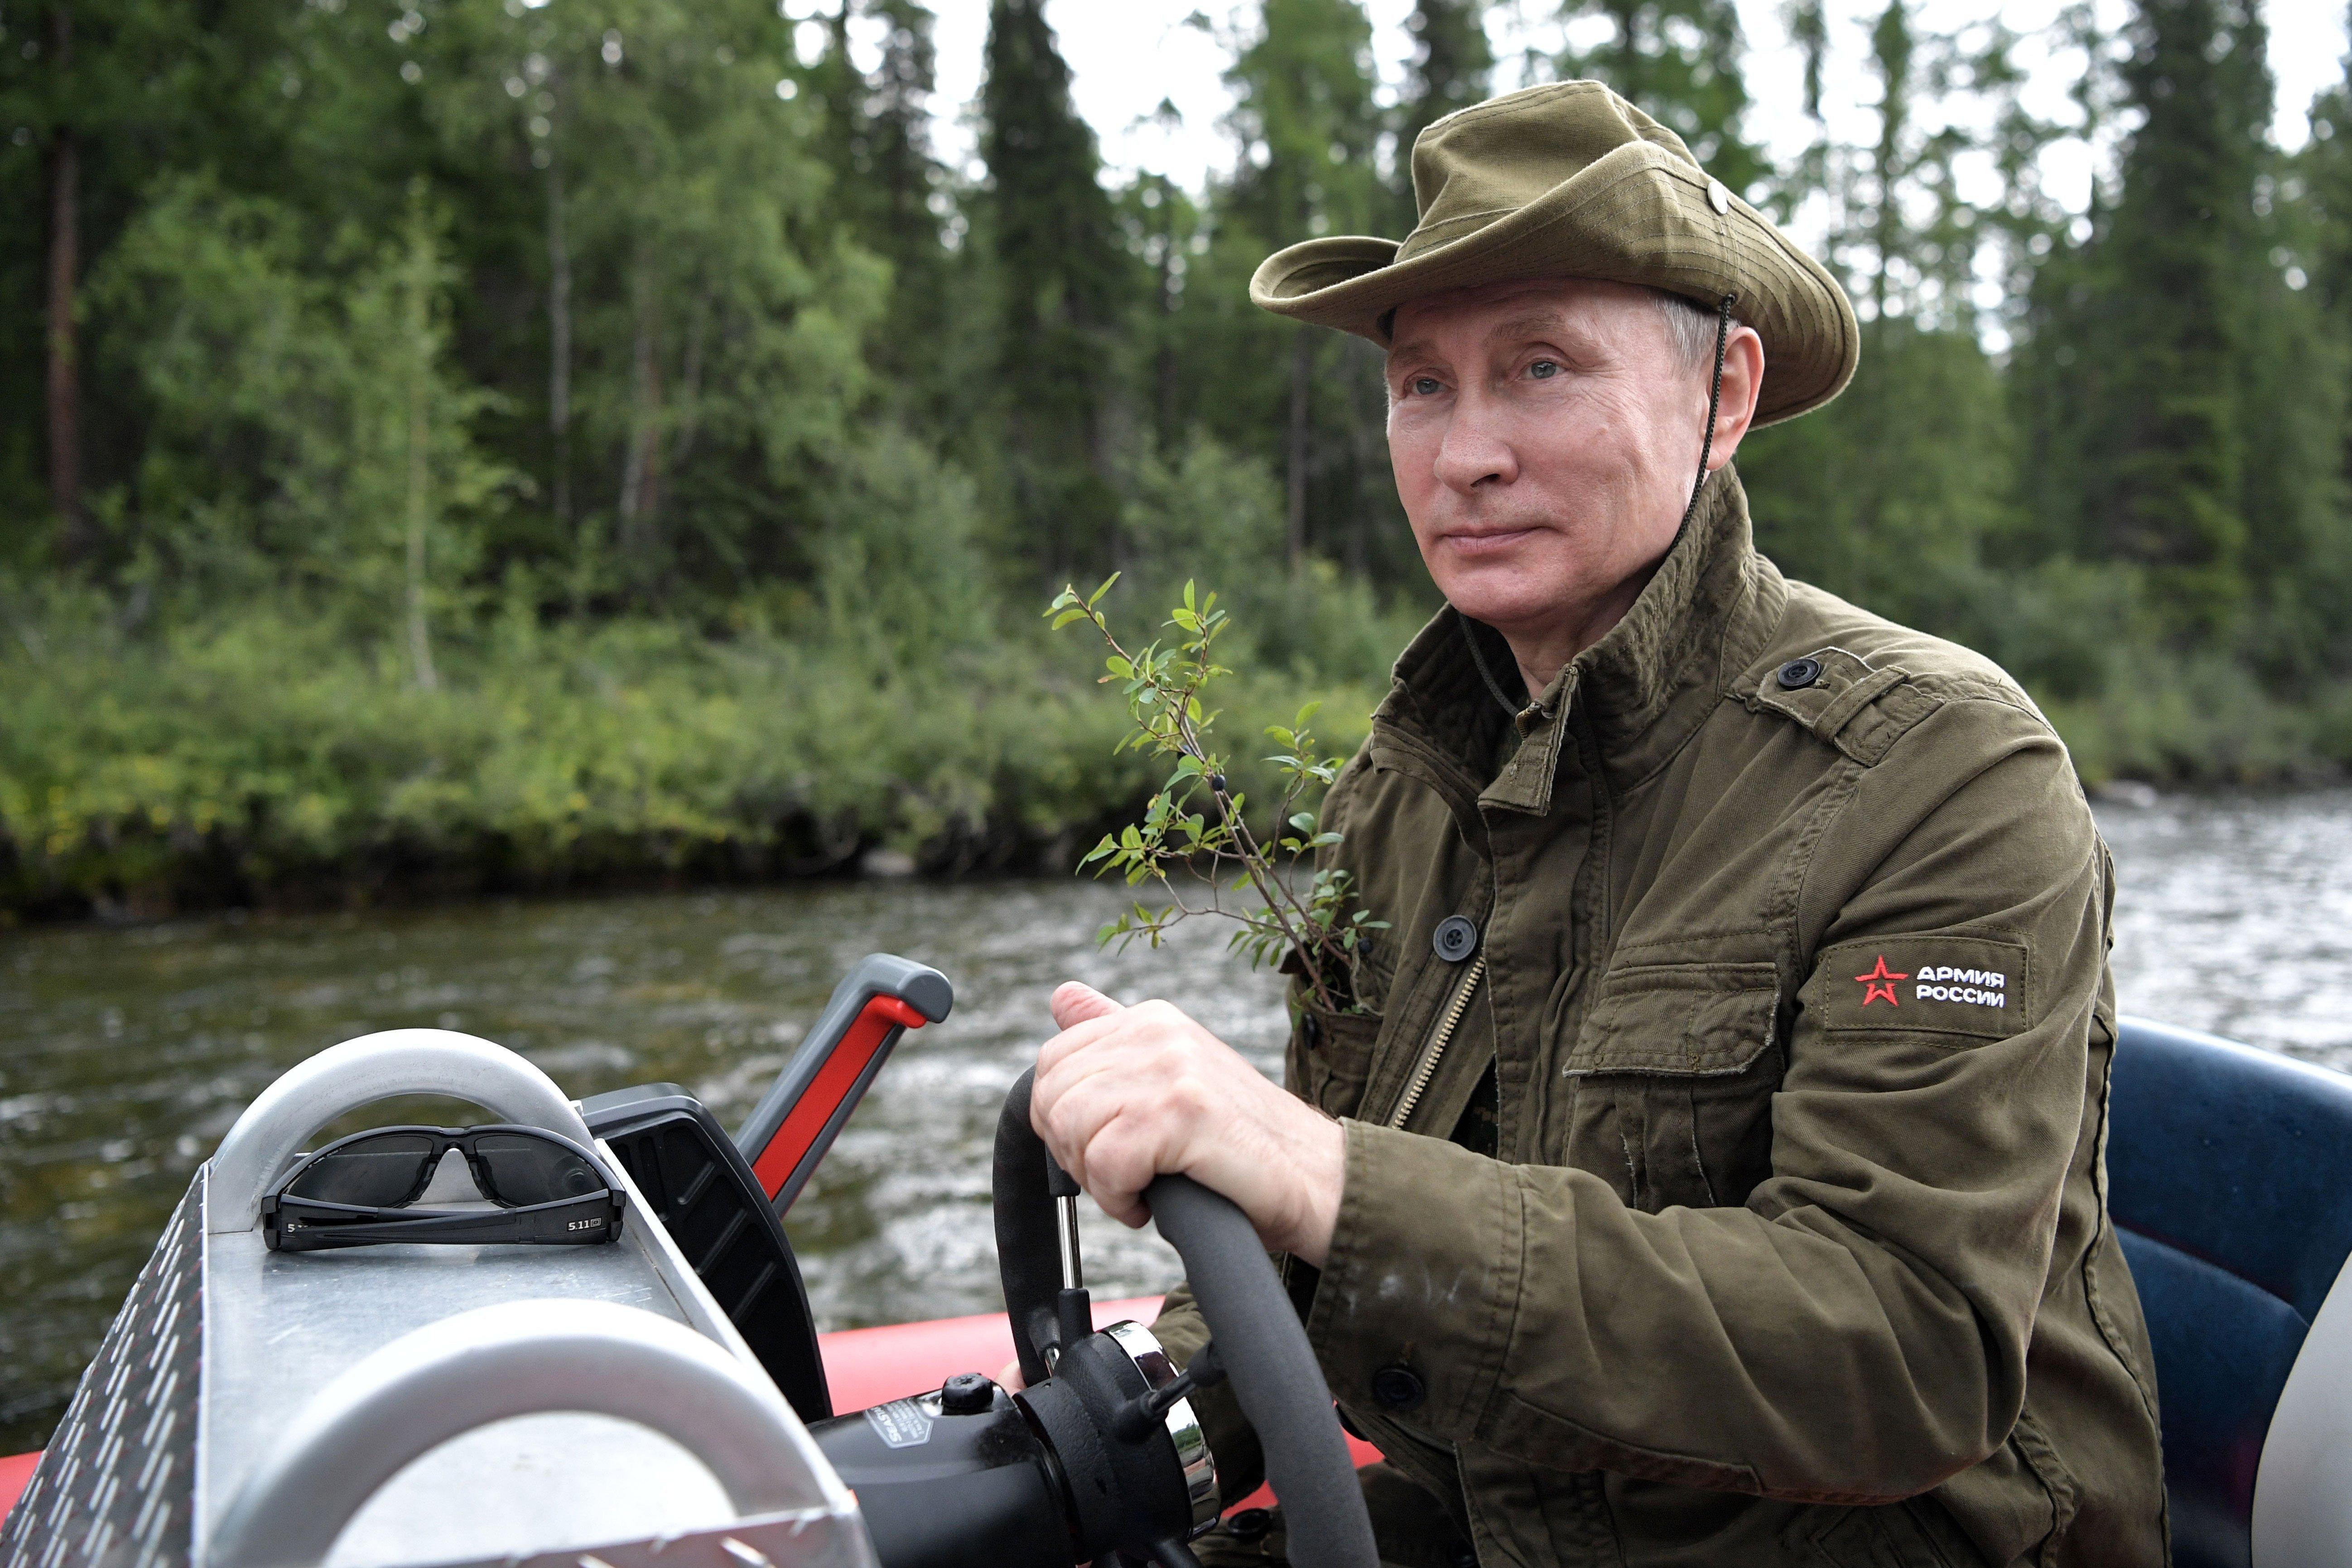 El presidente de Rusia se fue a pescar a tierras siberianas